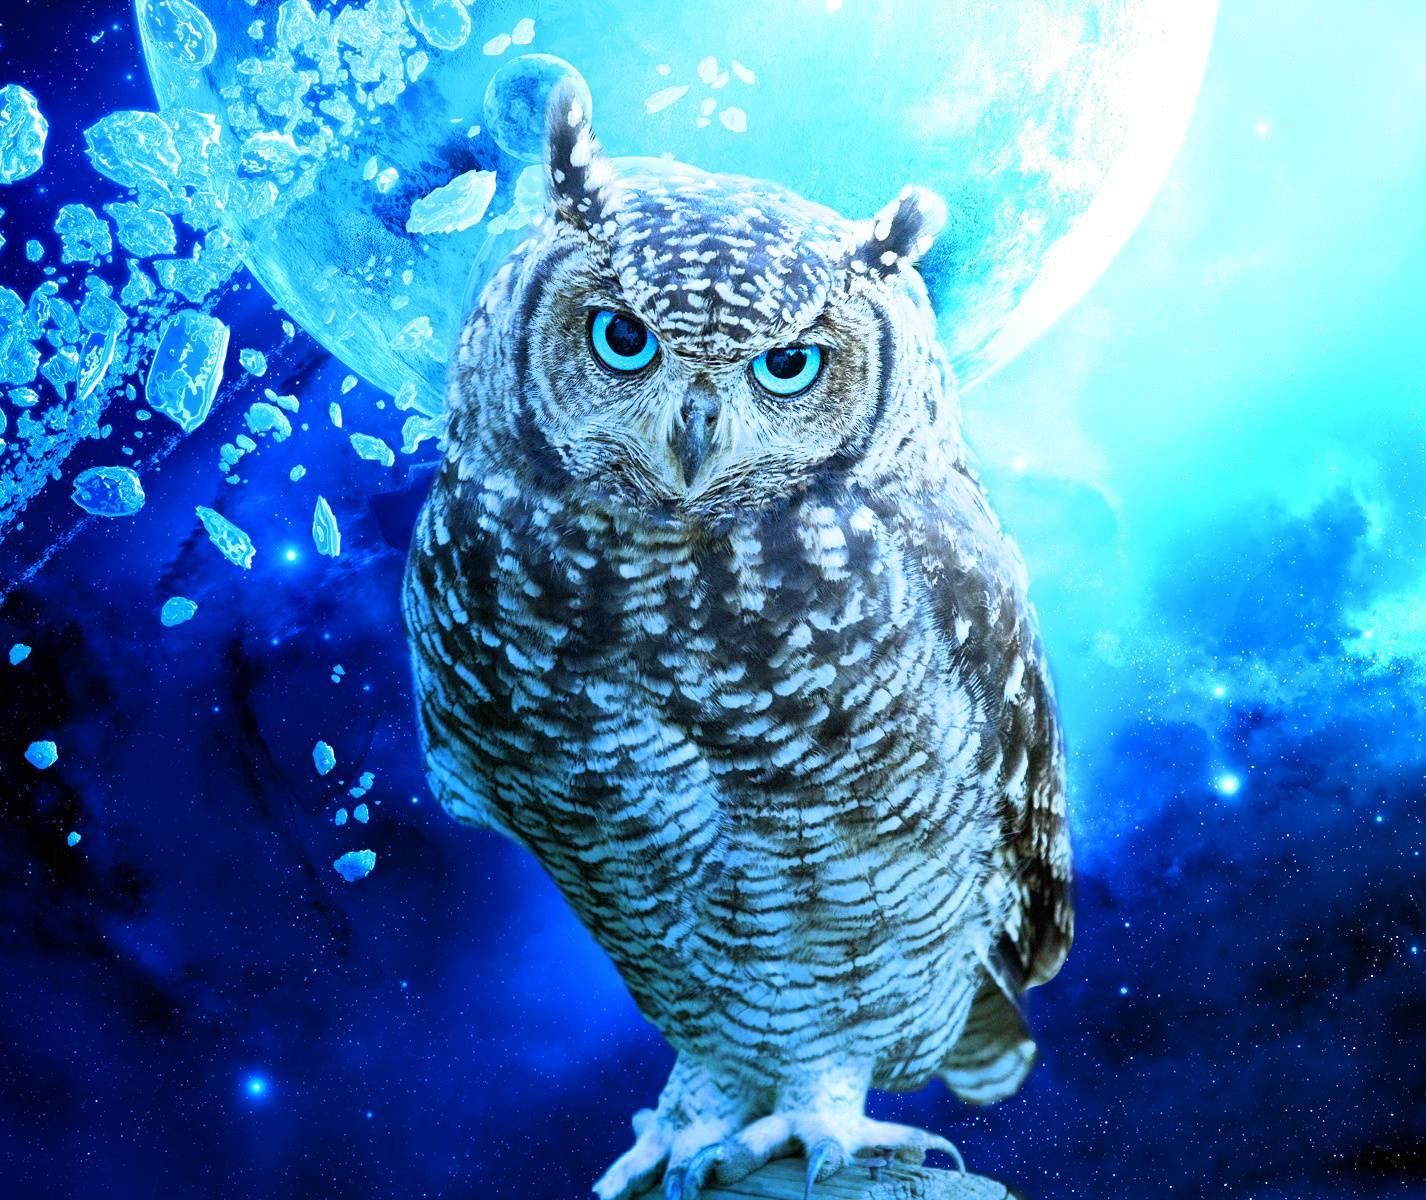 Blue Owl Wallpaper By Agaaa K Da Free On Zedge